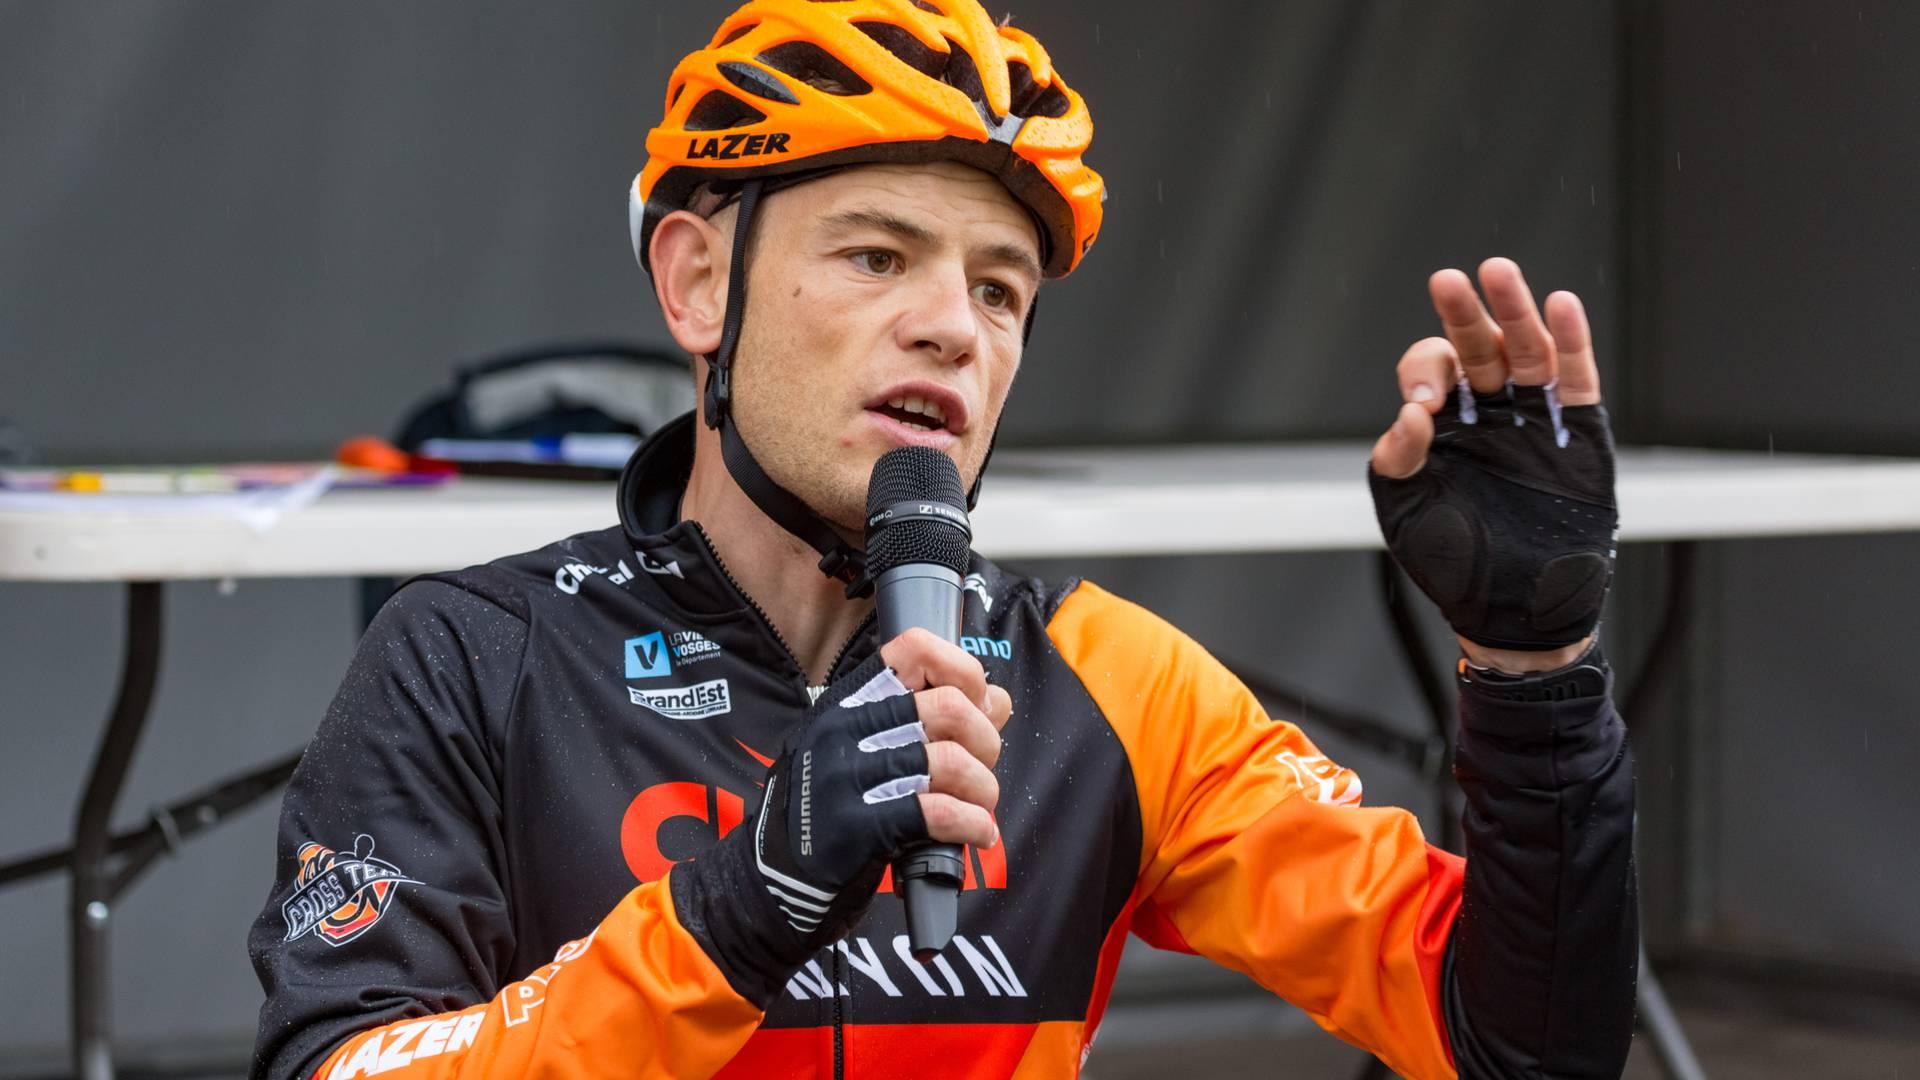 Steve Chainel - semaine fédérale du Cyclotourisme - Champion VTT Vosges